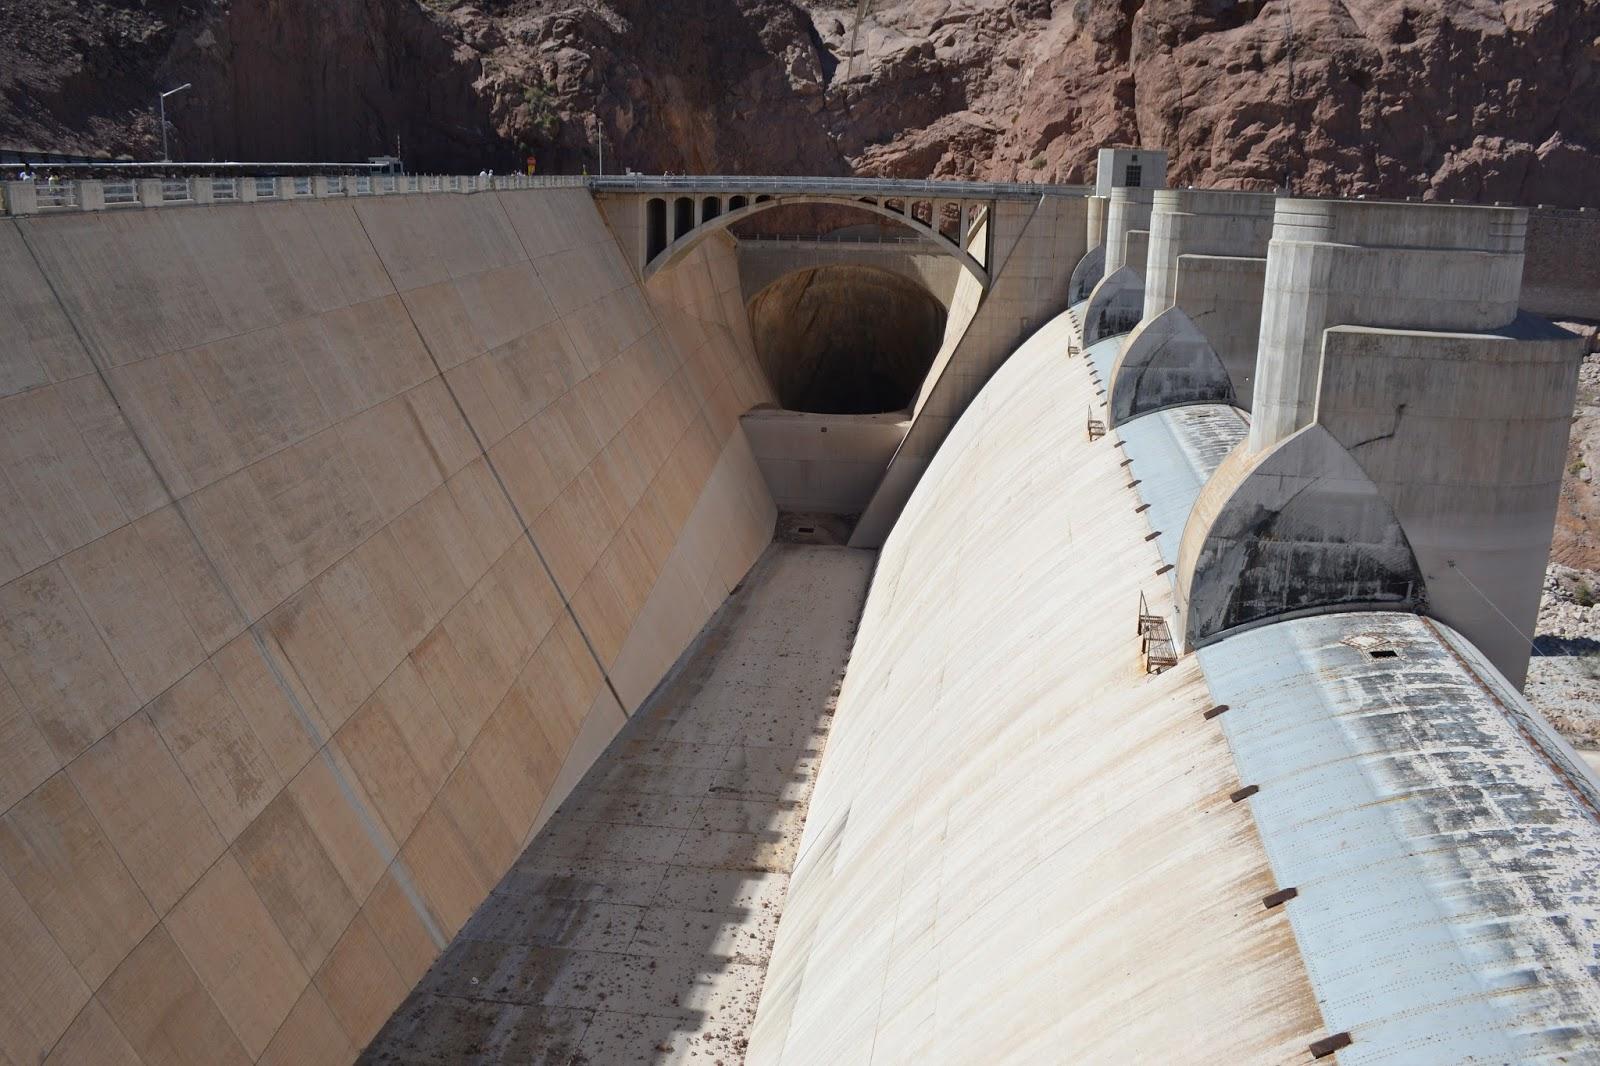 Hoover Dam Spillway [1600x1066] : InfrastructurePorn